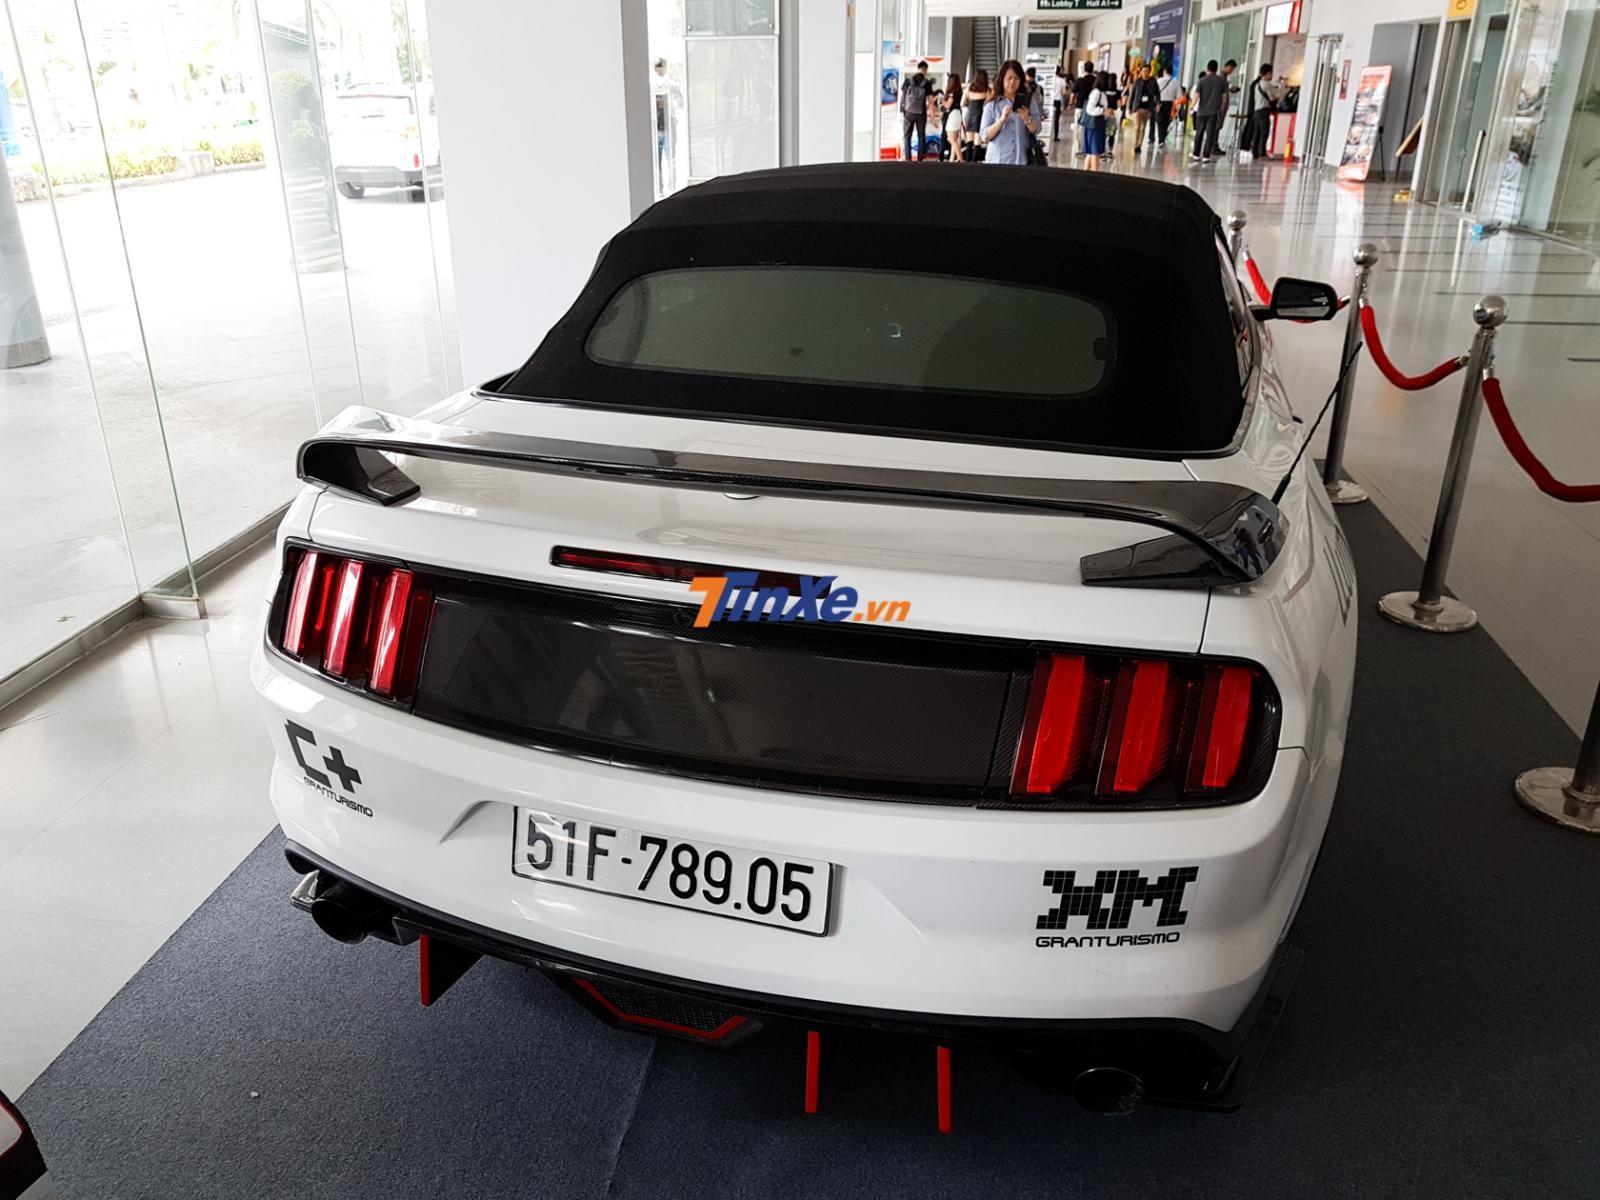 Chiếc xe này được chủ độ body kit sợi carbon